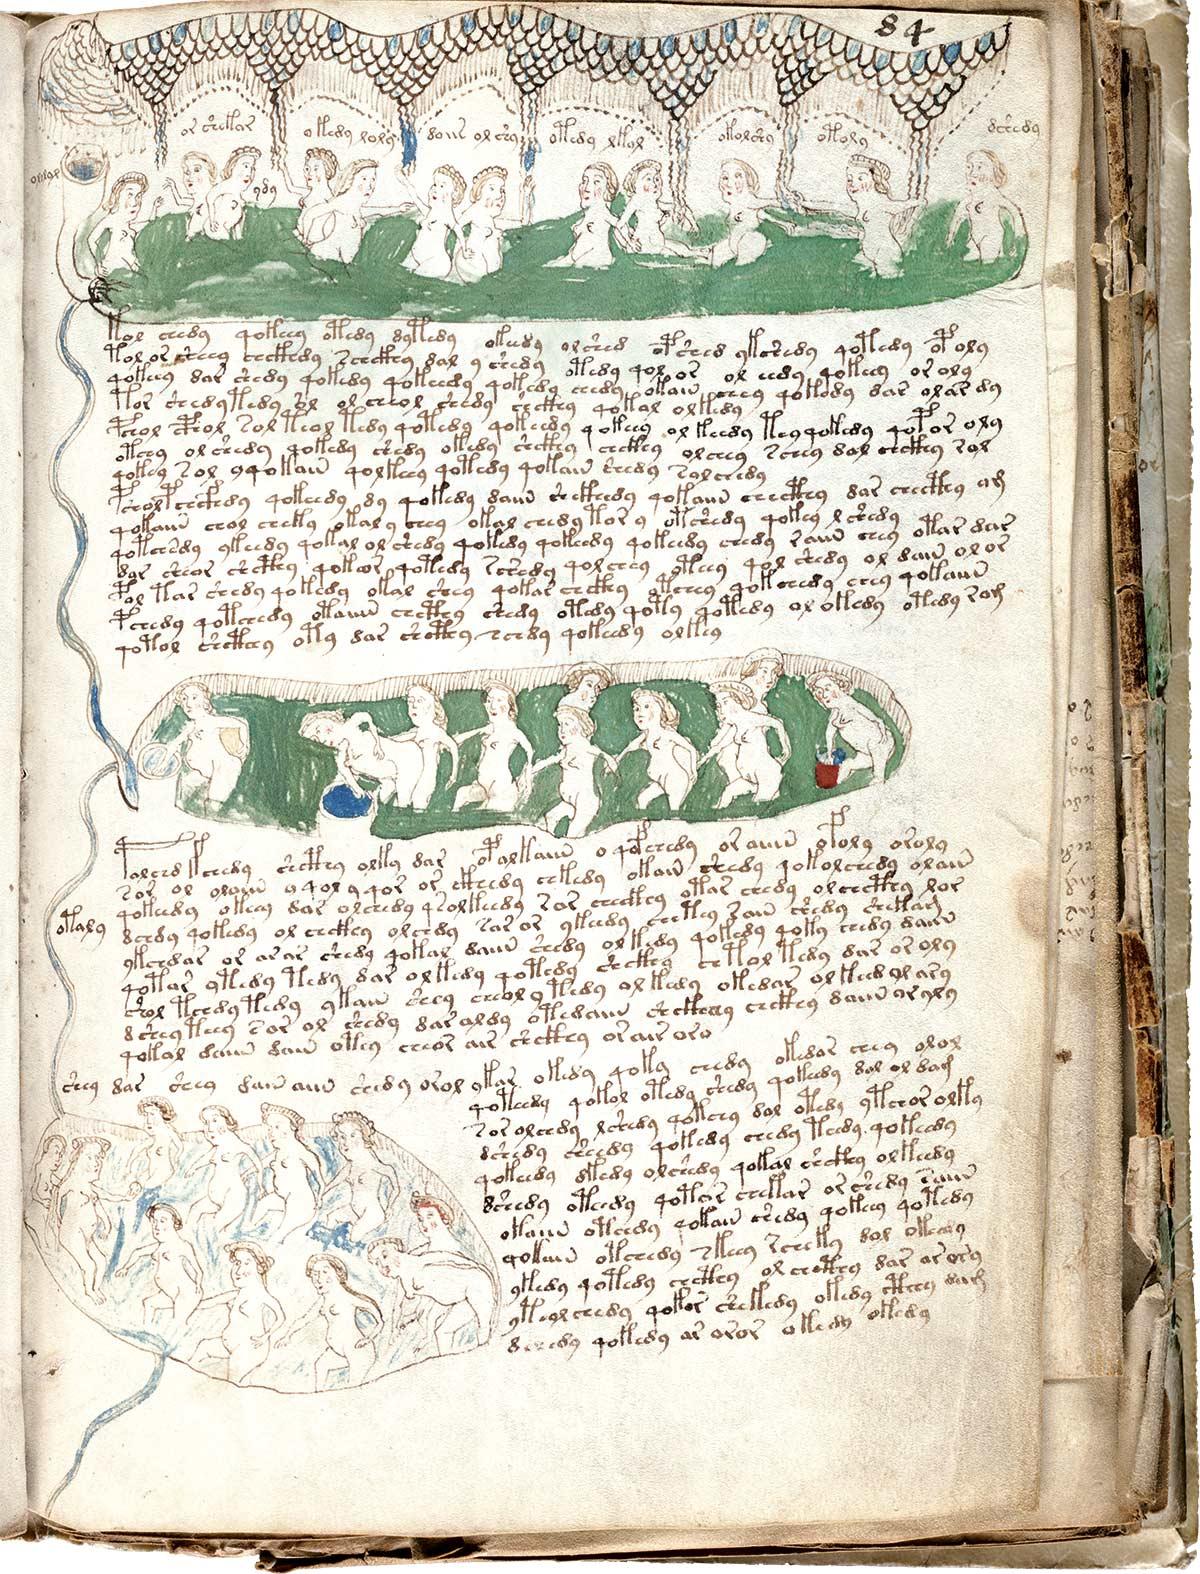 codice-voynich-mujeres. Mujeres bañándose